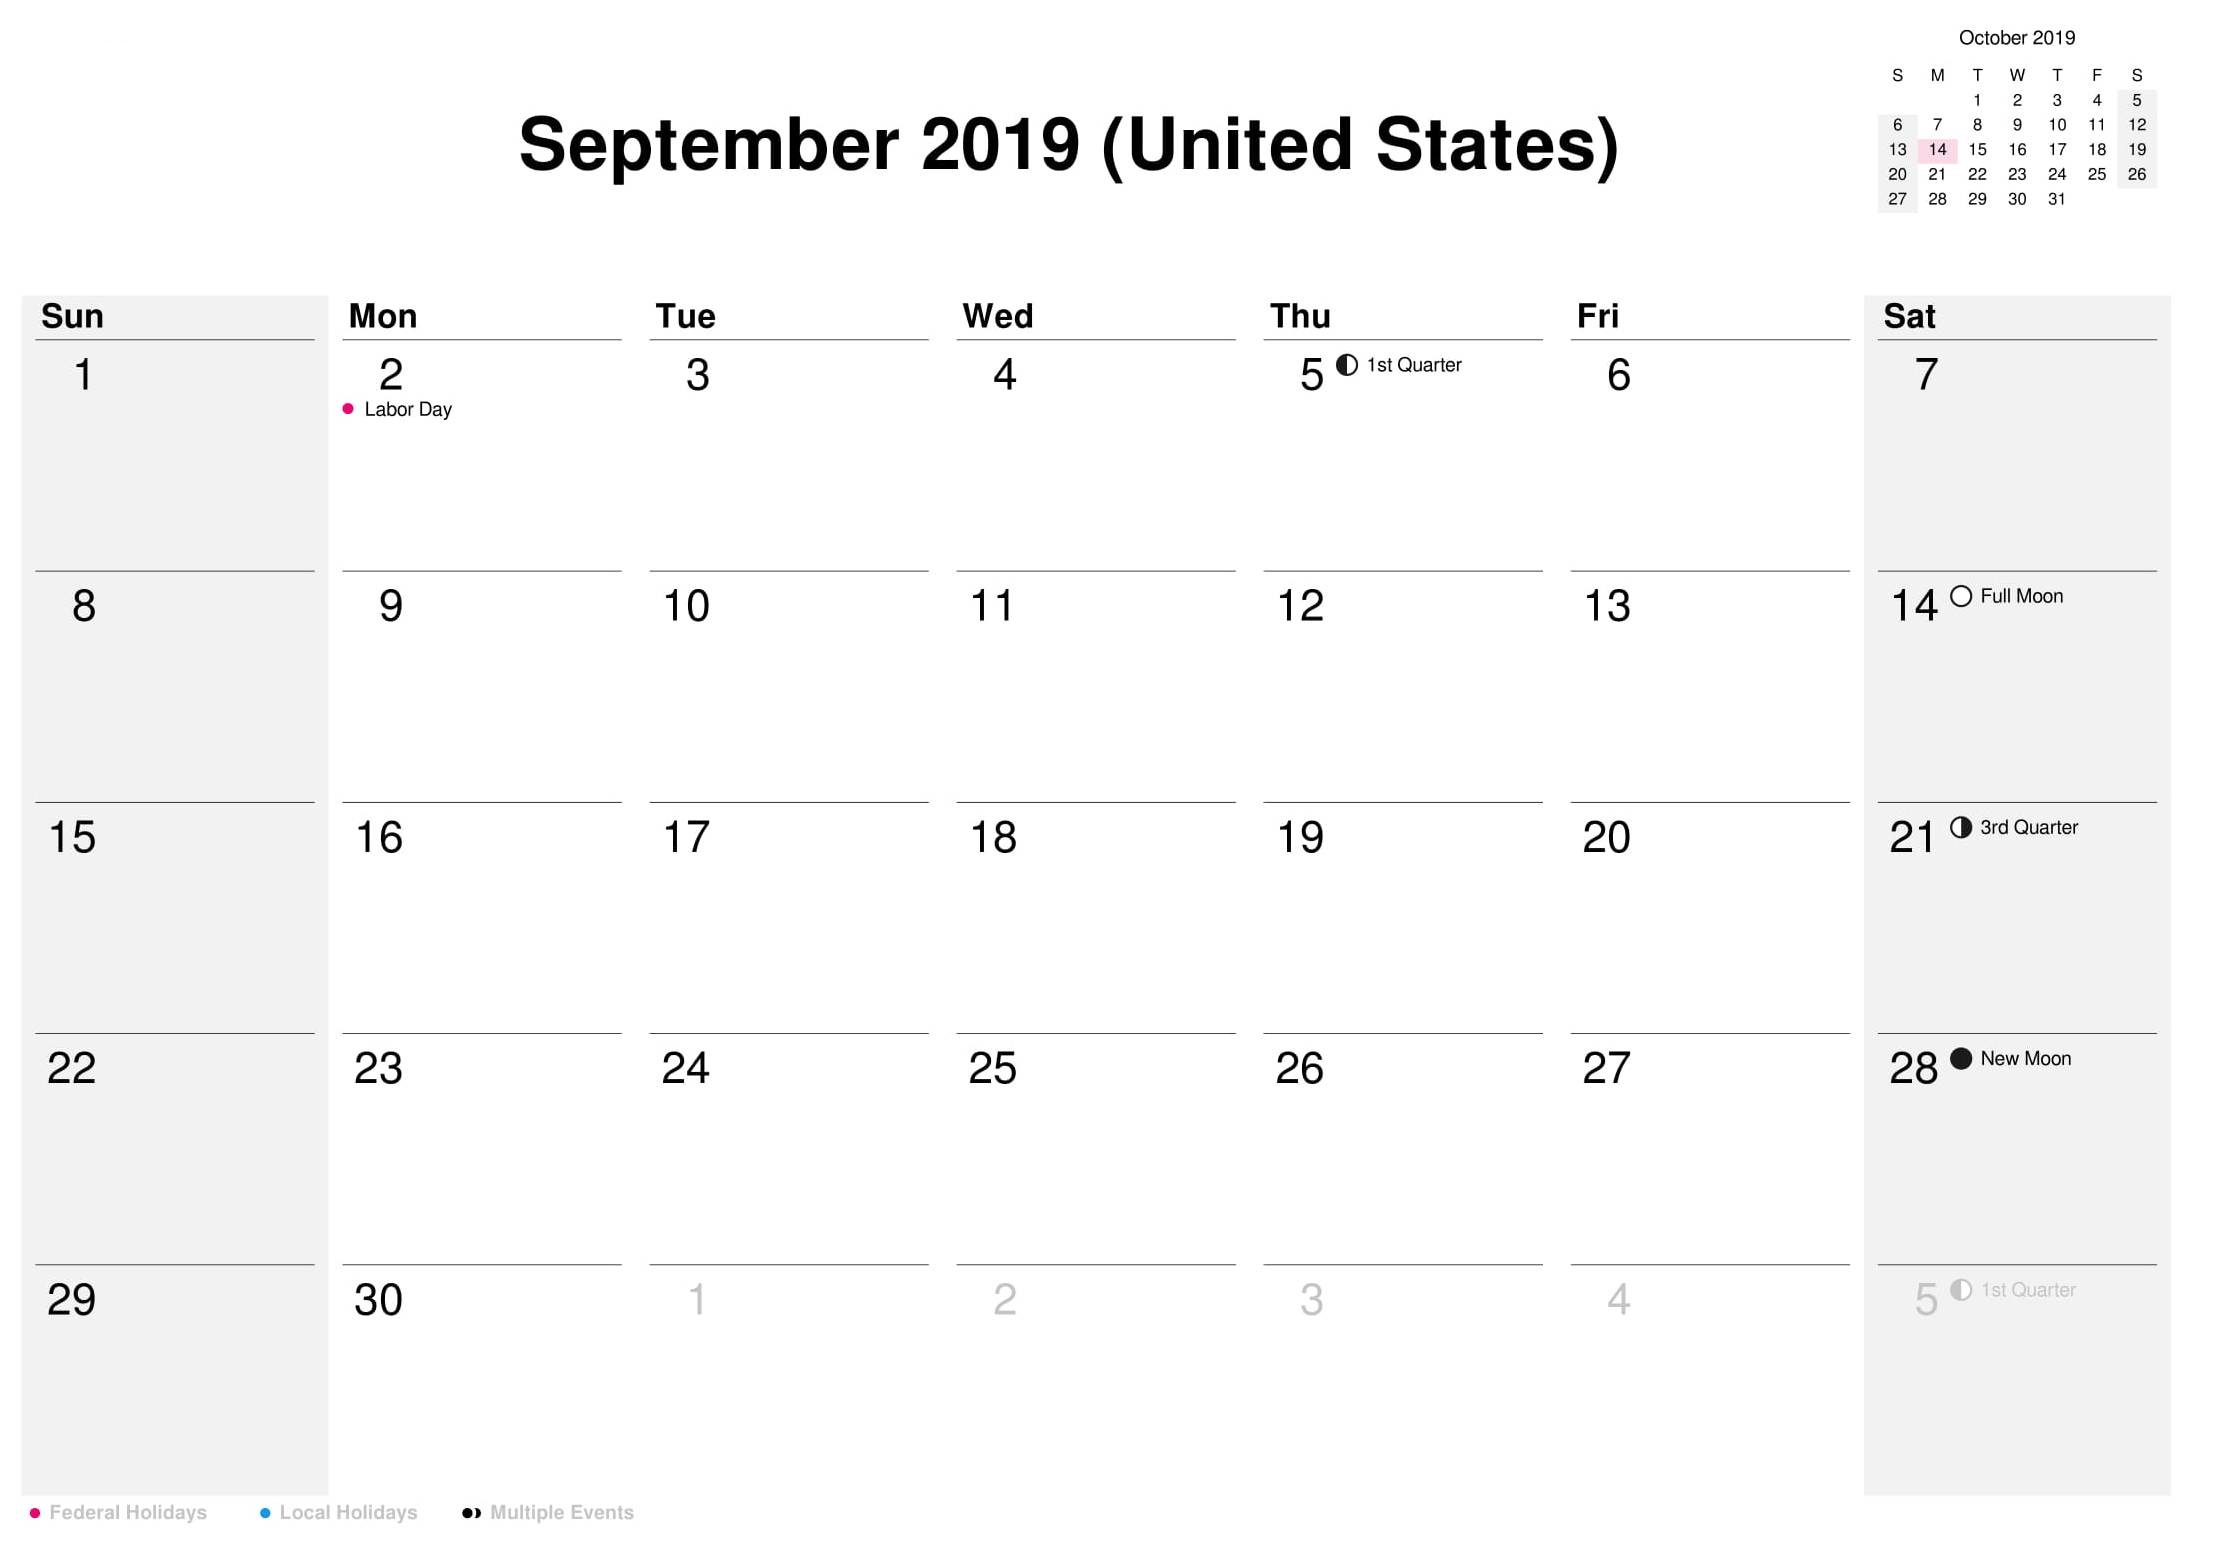 Us Calendar 2019.September 2019 Holidays Calendar Usa Uk Canada India Australia